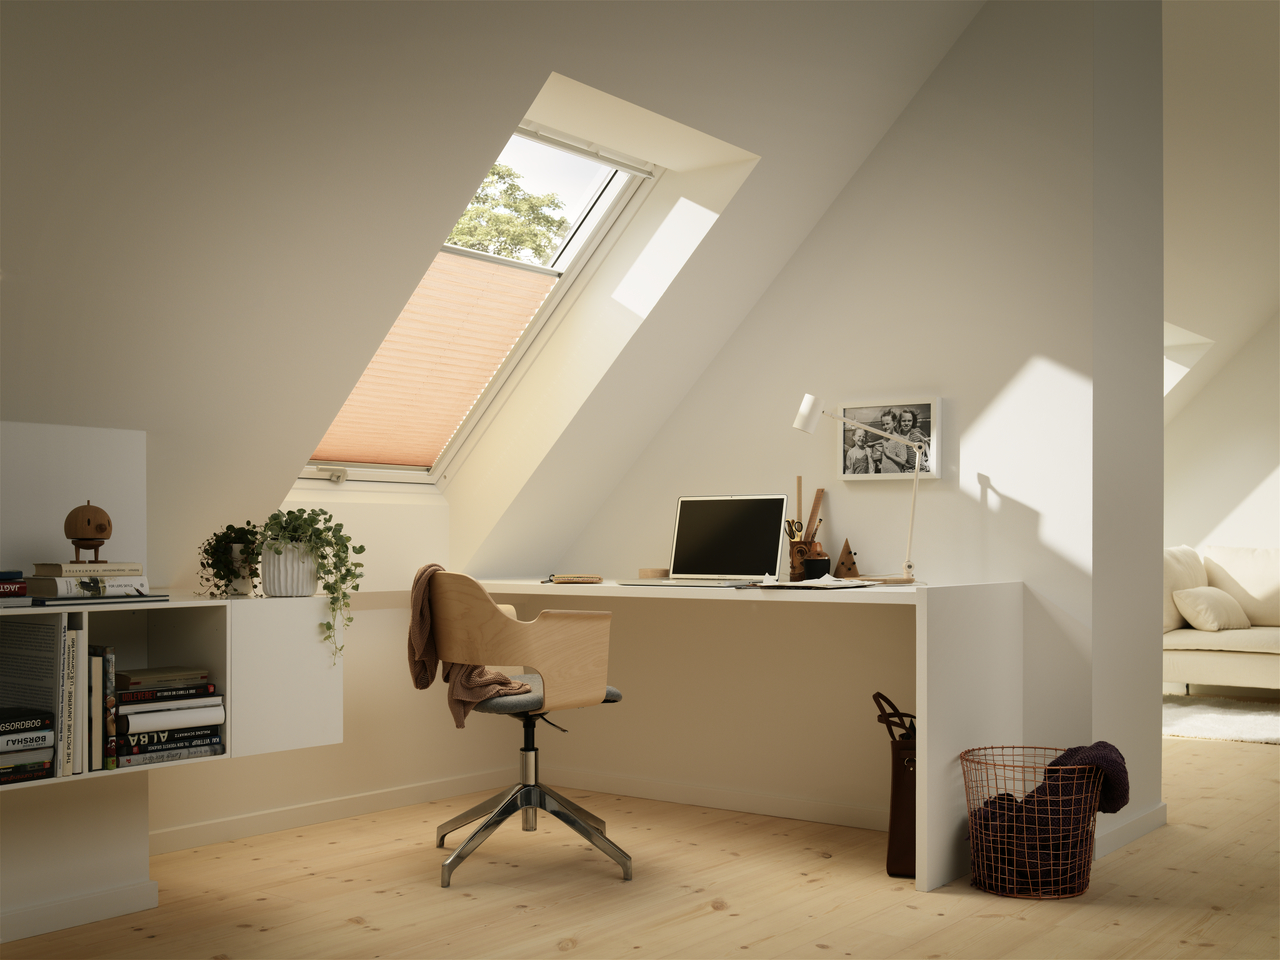 Soffitto Travi : Immobili illuminazione soffitto travi legno ...